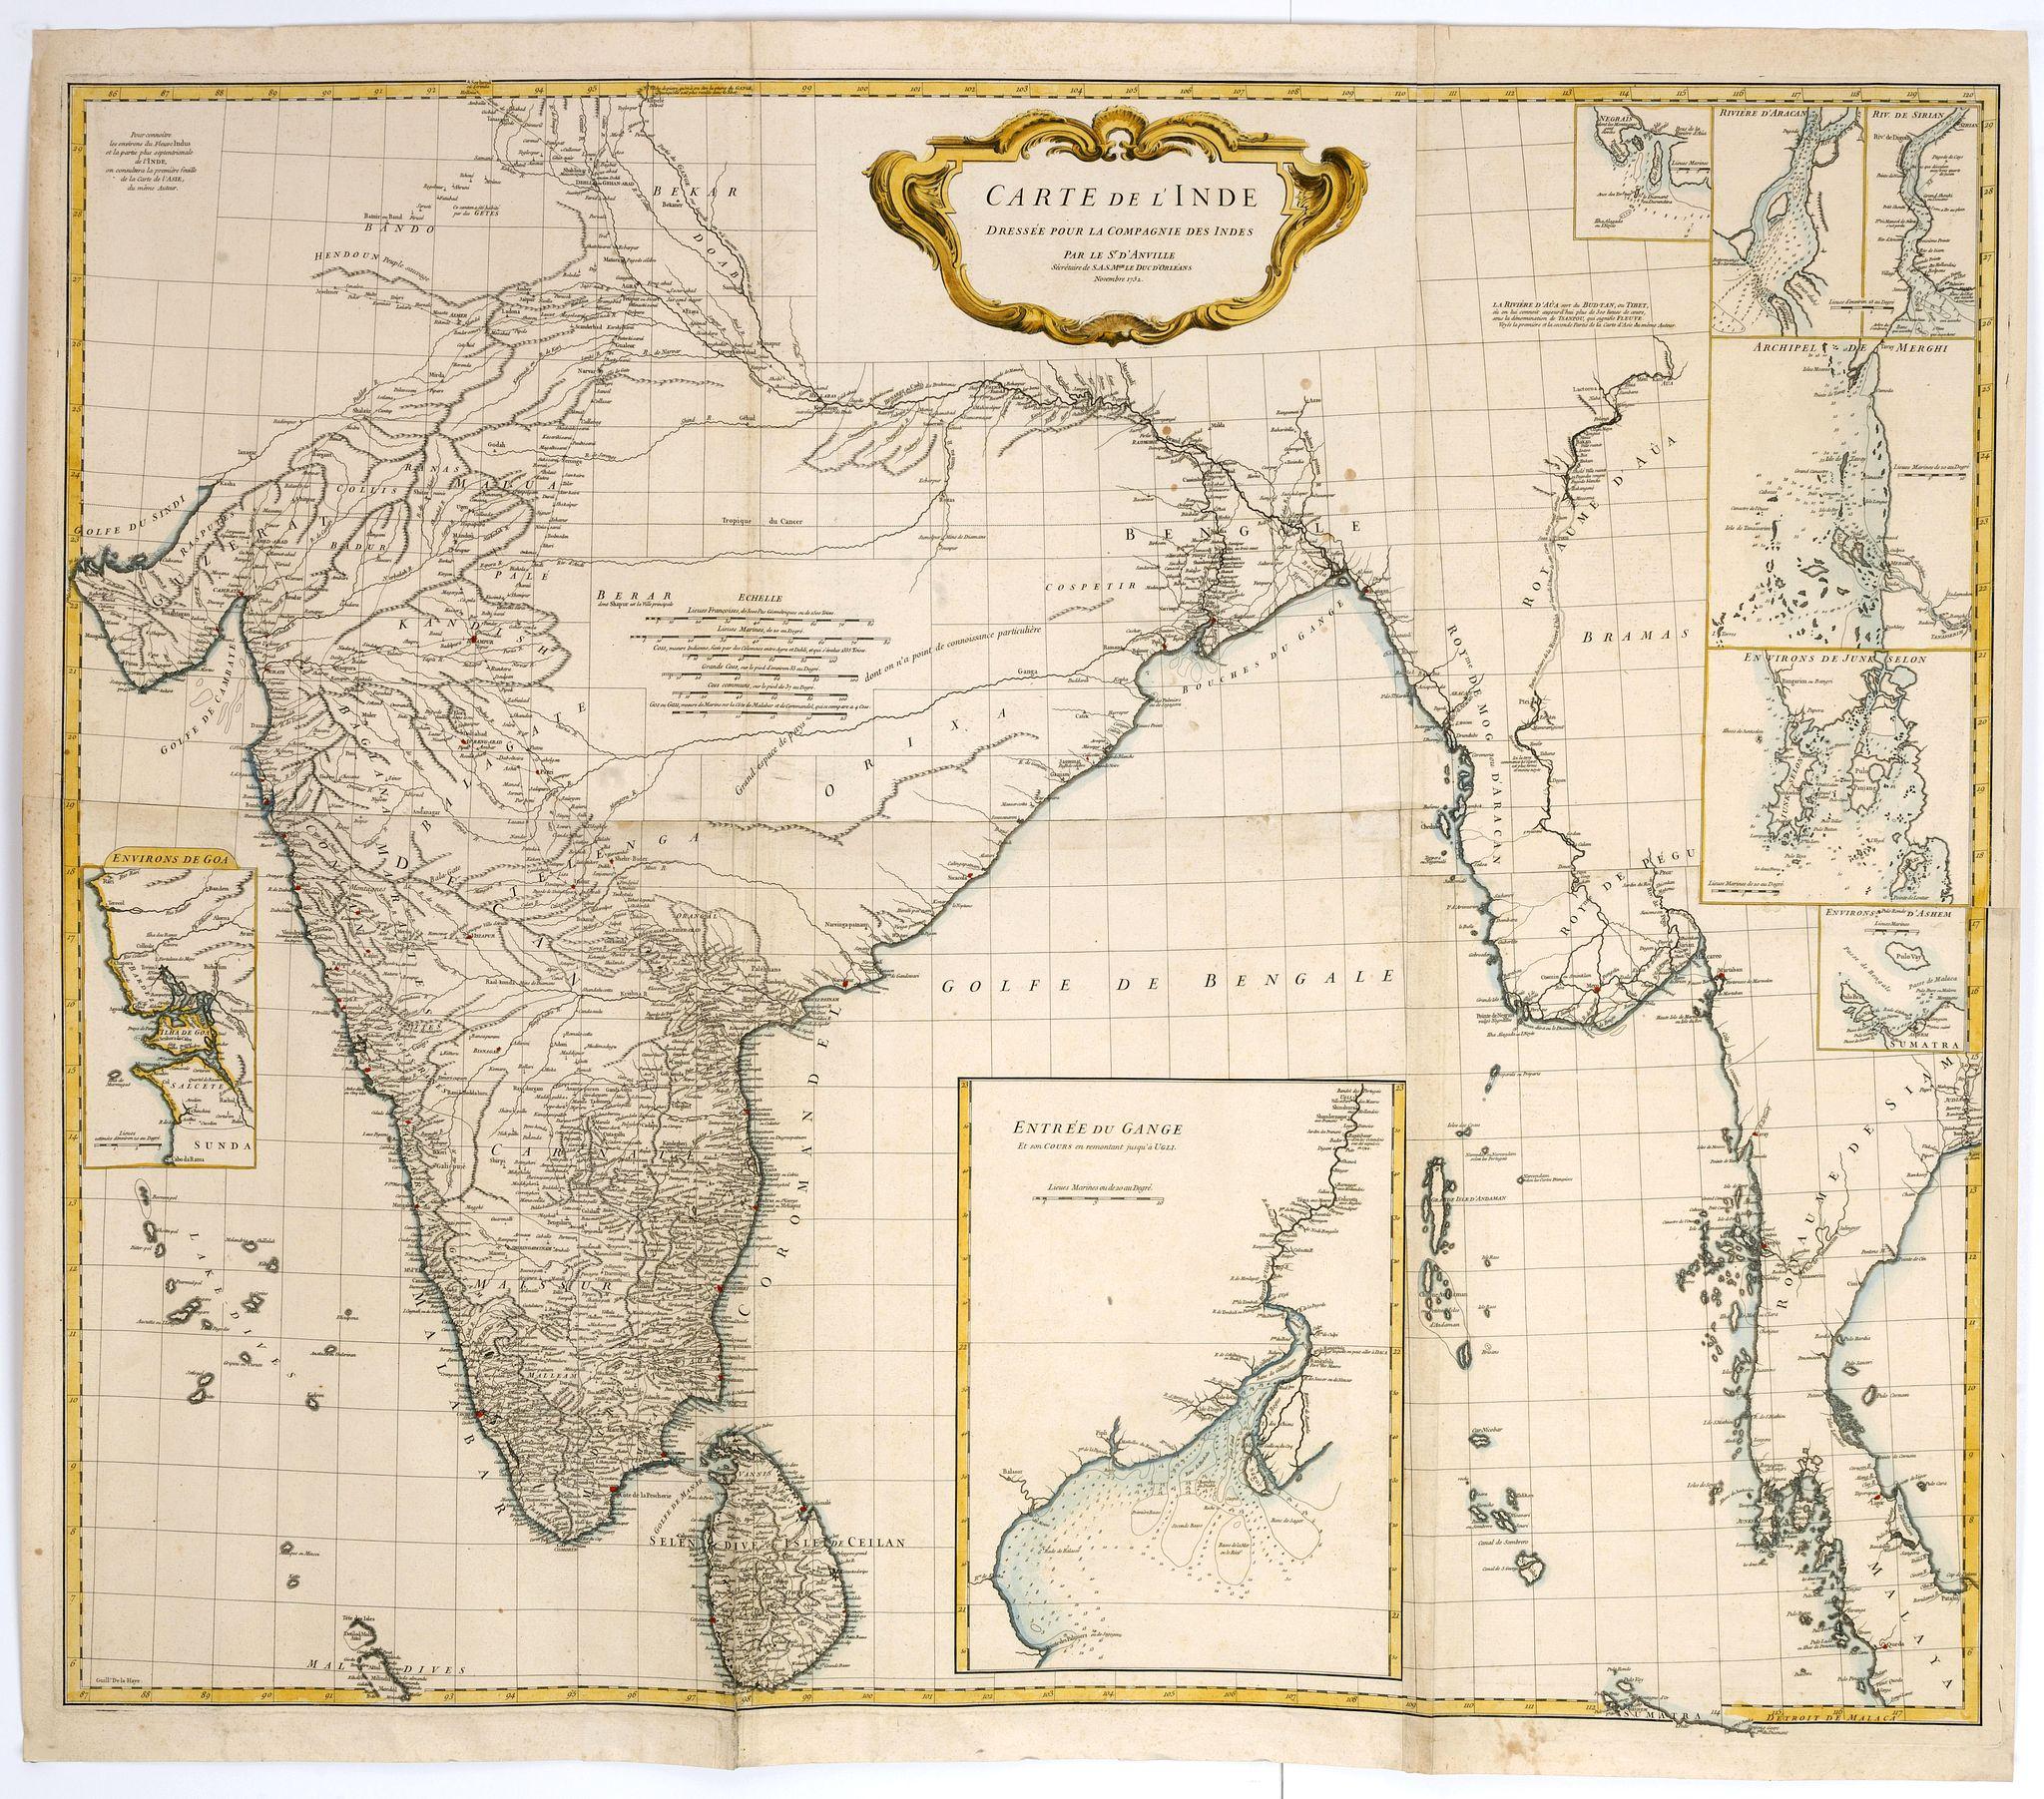 D'ANVILLE, J.B.D. -  Carte de l'Inde Dressee pour la Compagnie des Indes par le Sr. d'Anville Secretaire de S.A.S.Mgr. le Duc d'Orleans Novembre 1752.